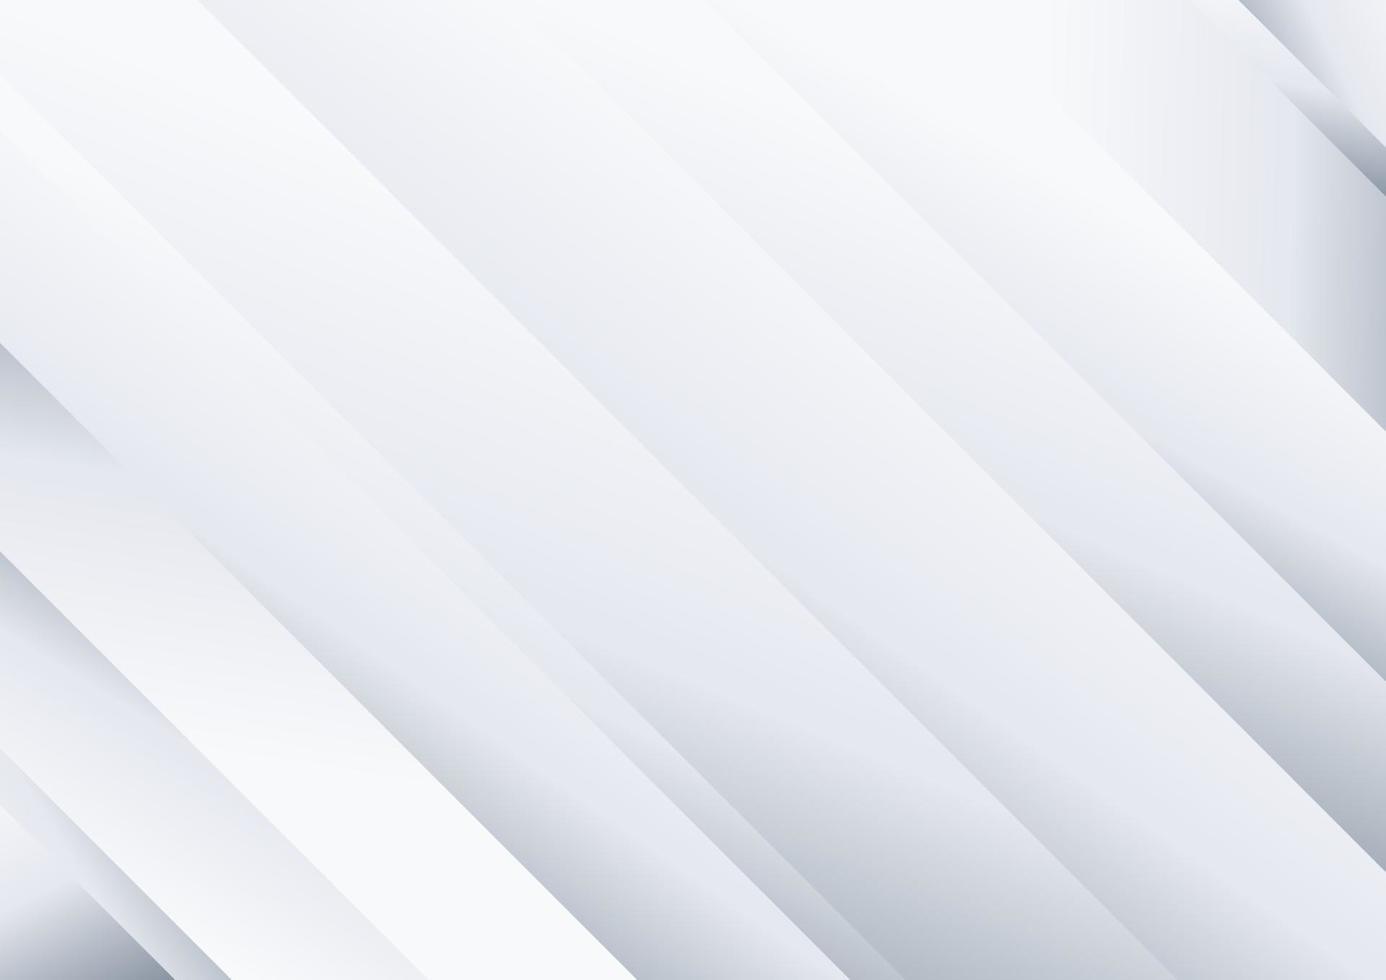 abstrakt bakgrund vit och grå diagonal ränder mönster vektor